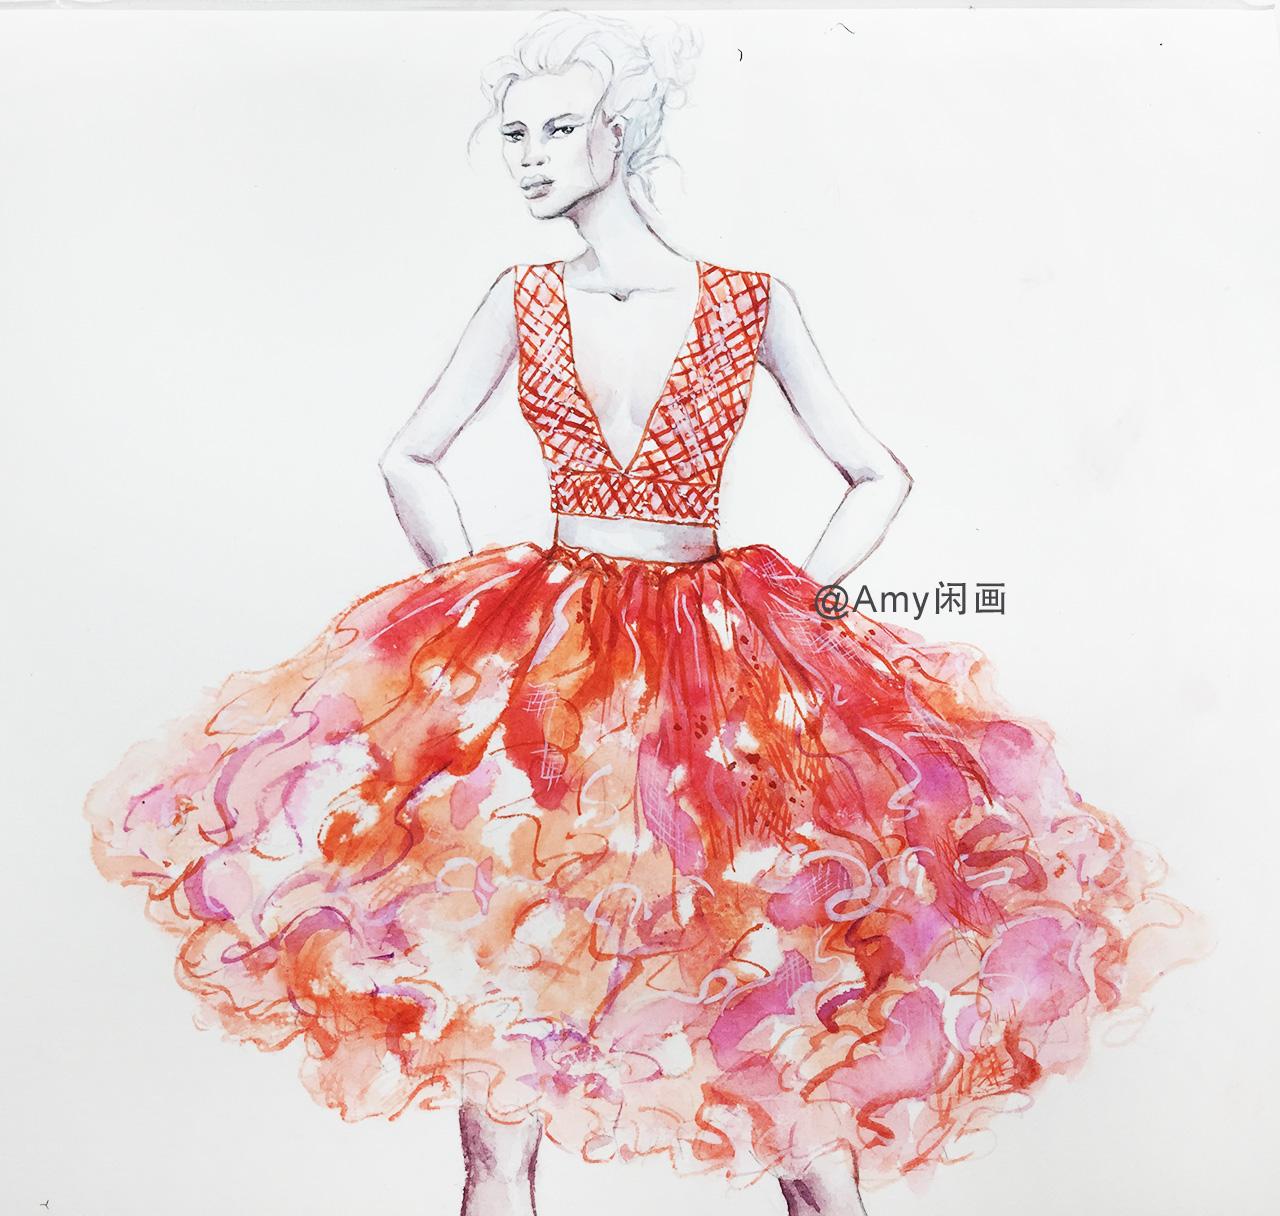 服装设计第53期  菱形V领小亮片背心多层短裙